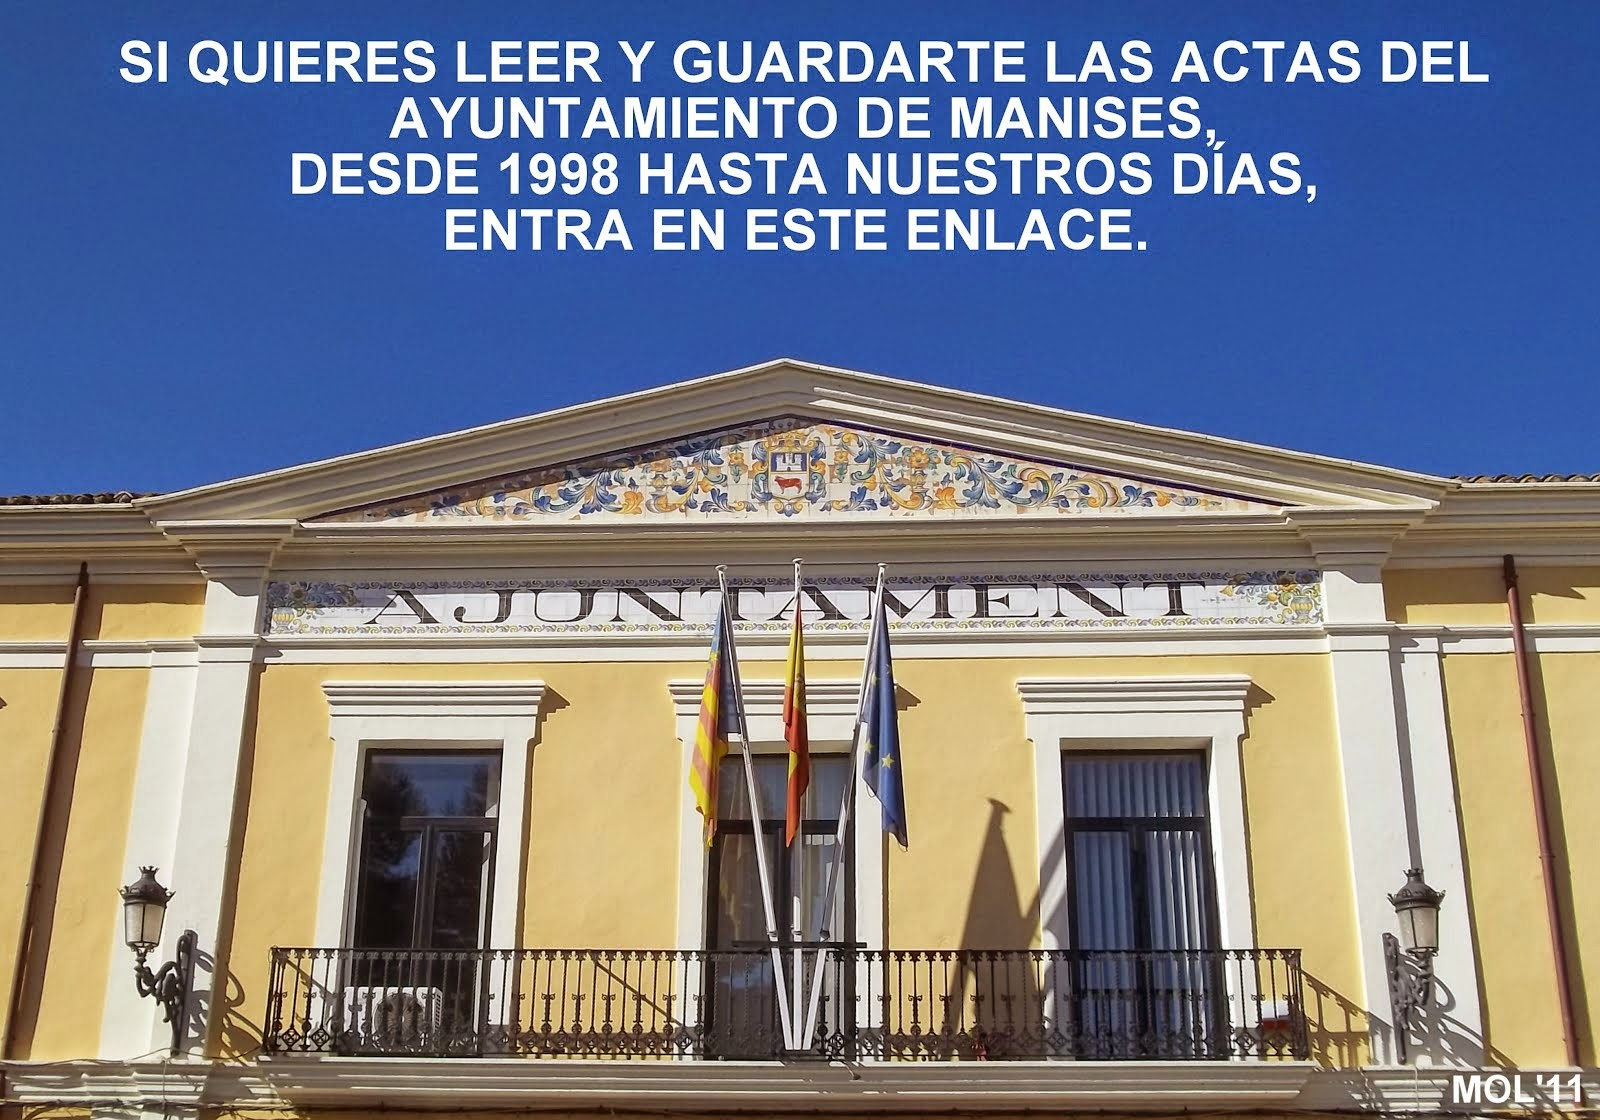 ACTAS DE LOS PLENOS DEL AYUNTAMIENTO DE MANISES DESDE 1998 A 2014.